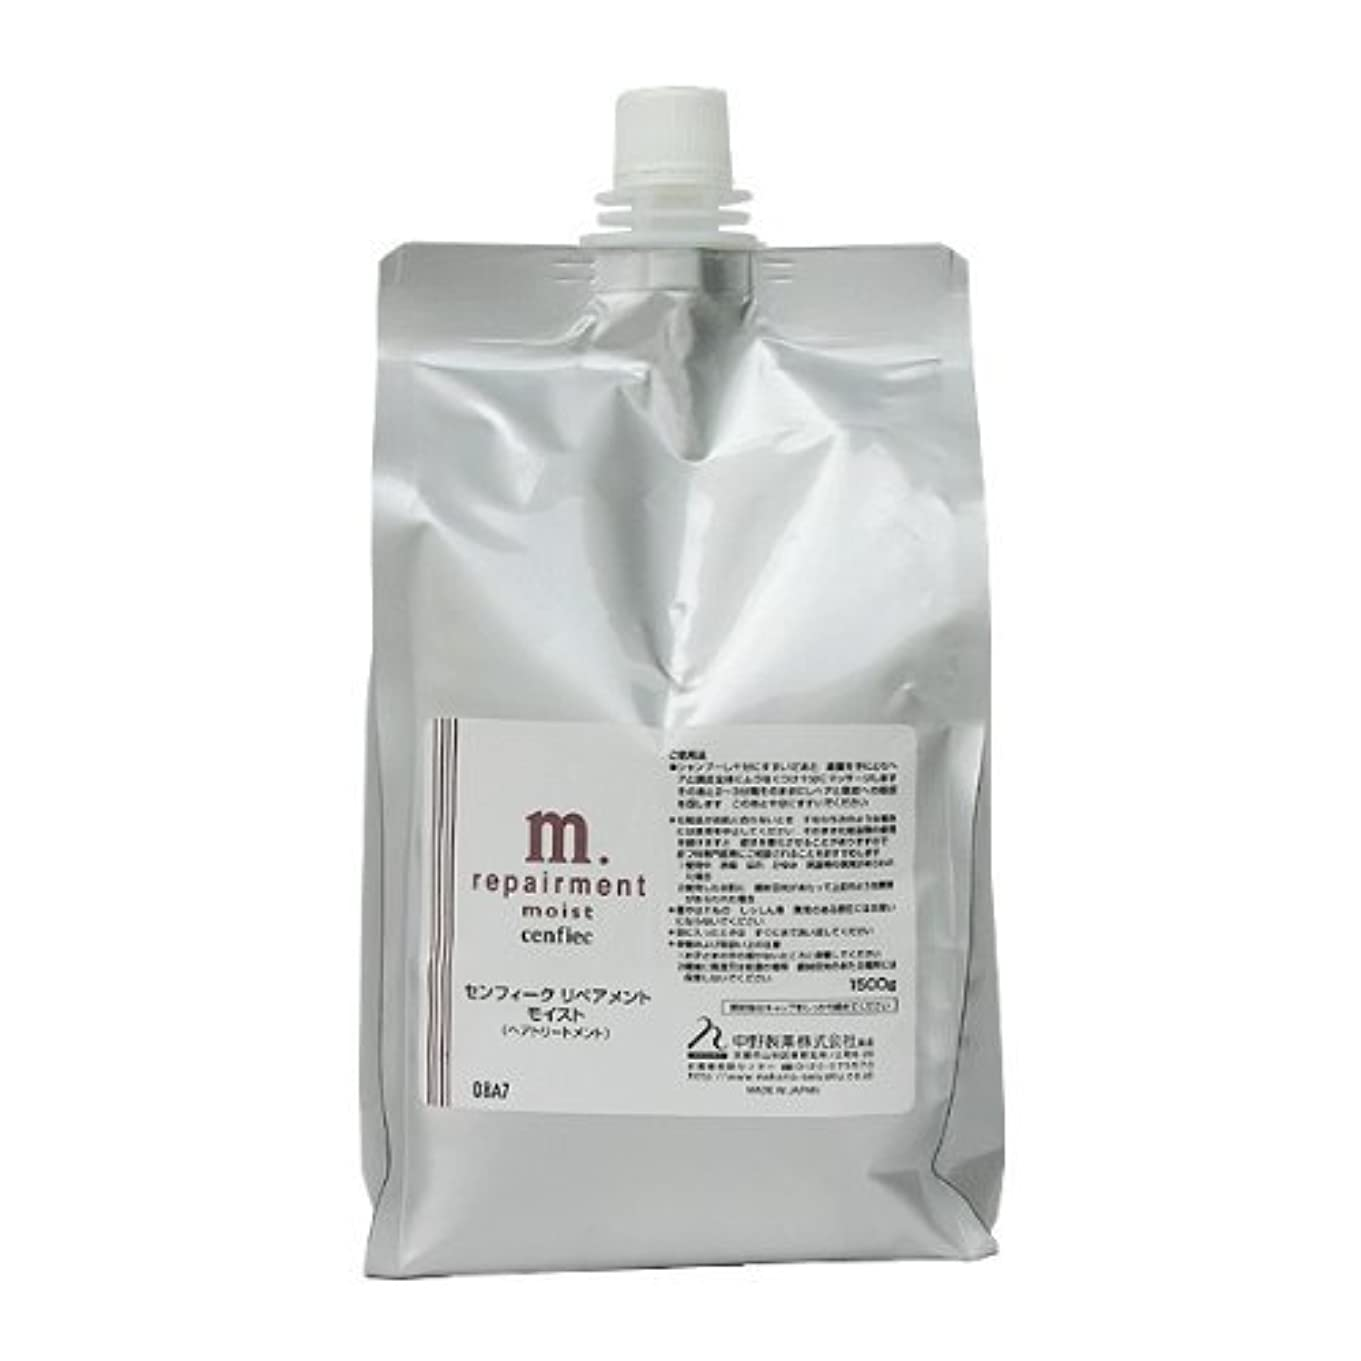 エキスパート出発真面目な中野製薬 センフィーク リペアメント モイスト レフィル 容量1500g